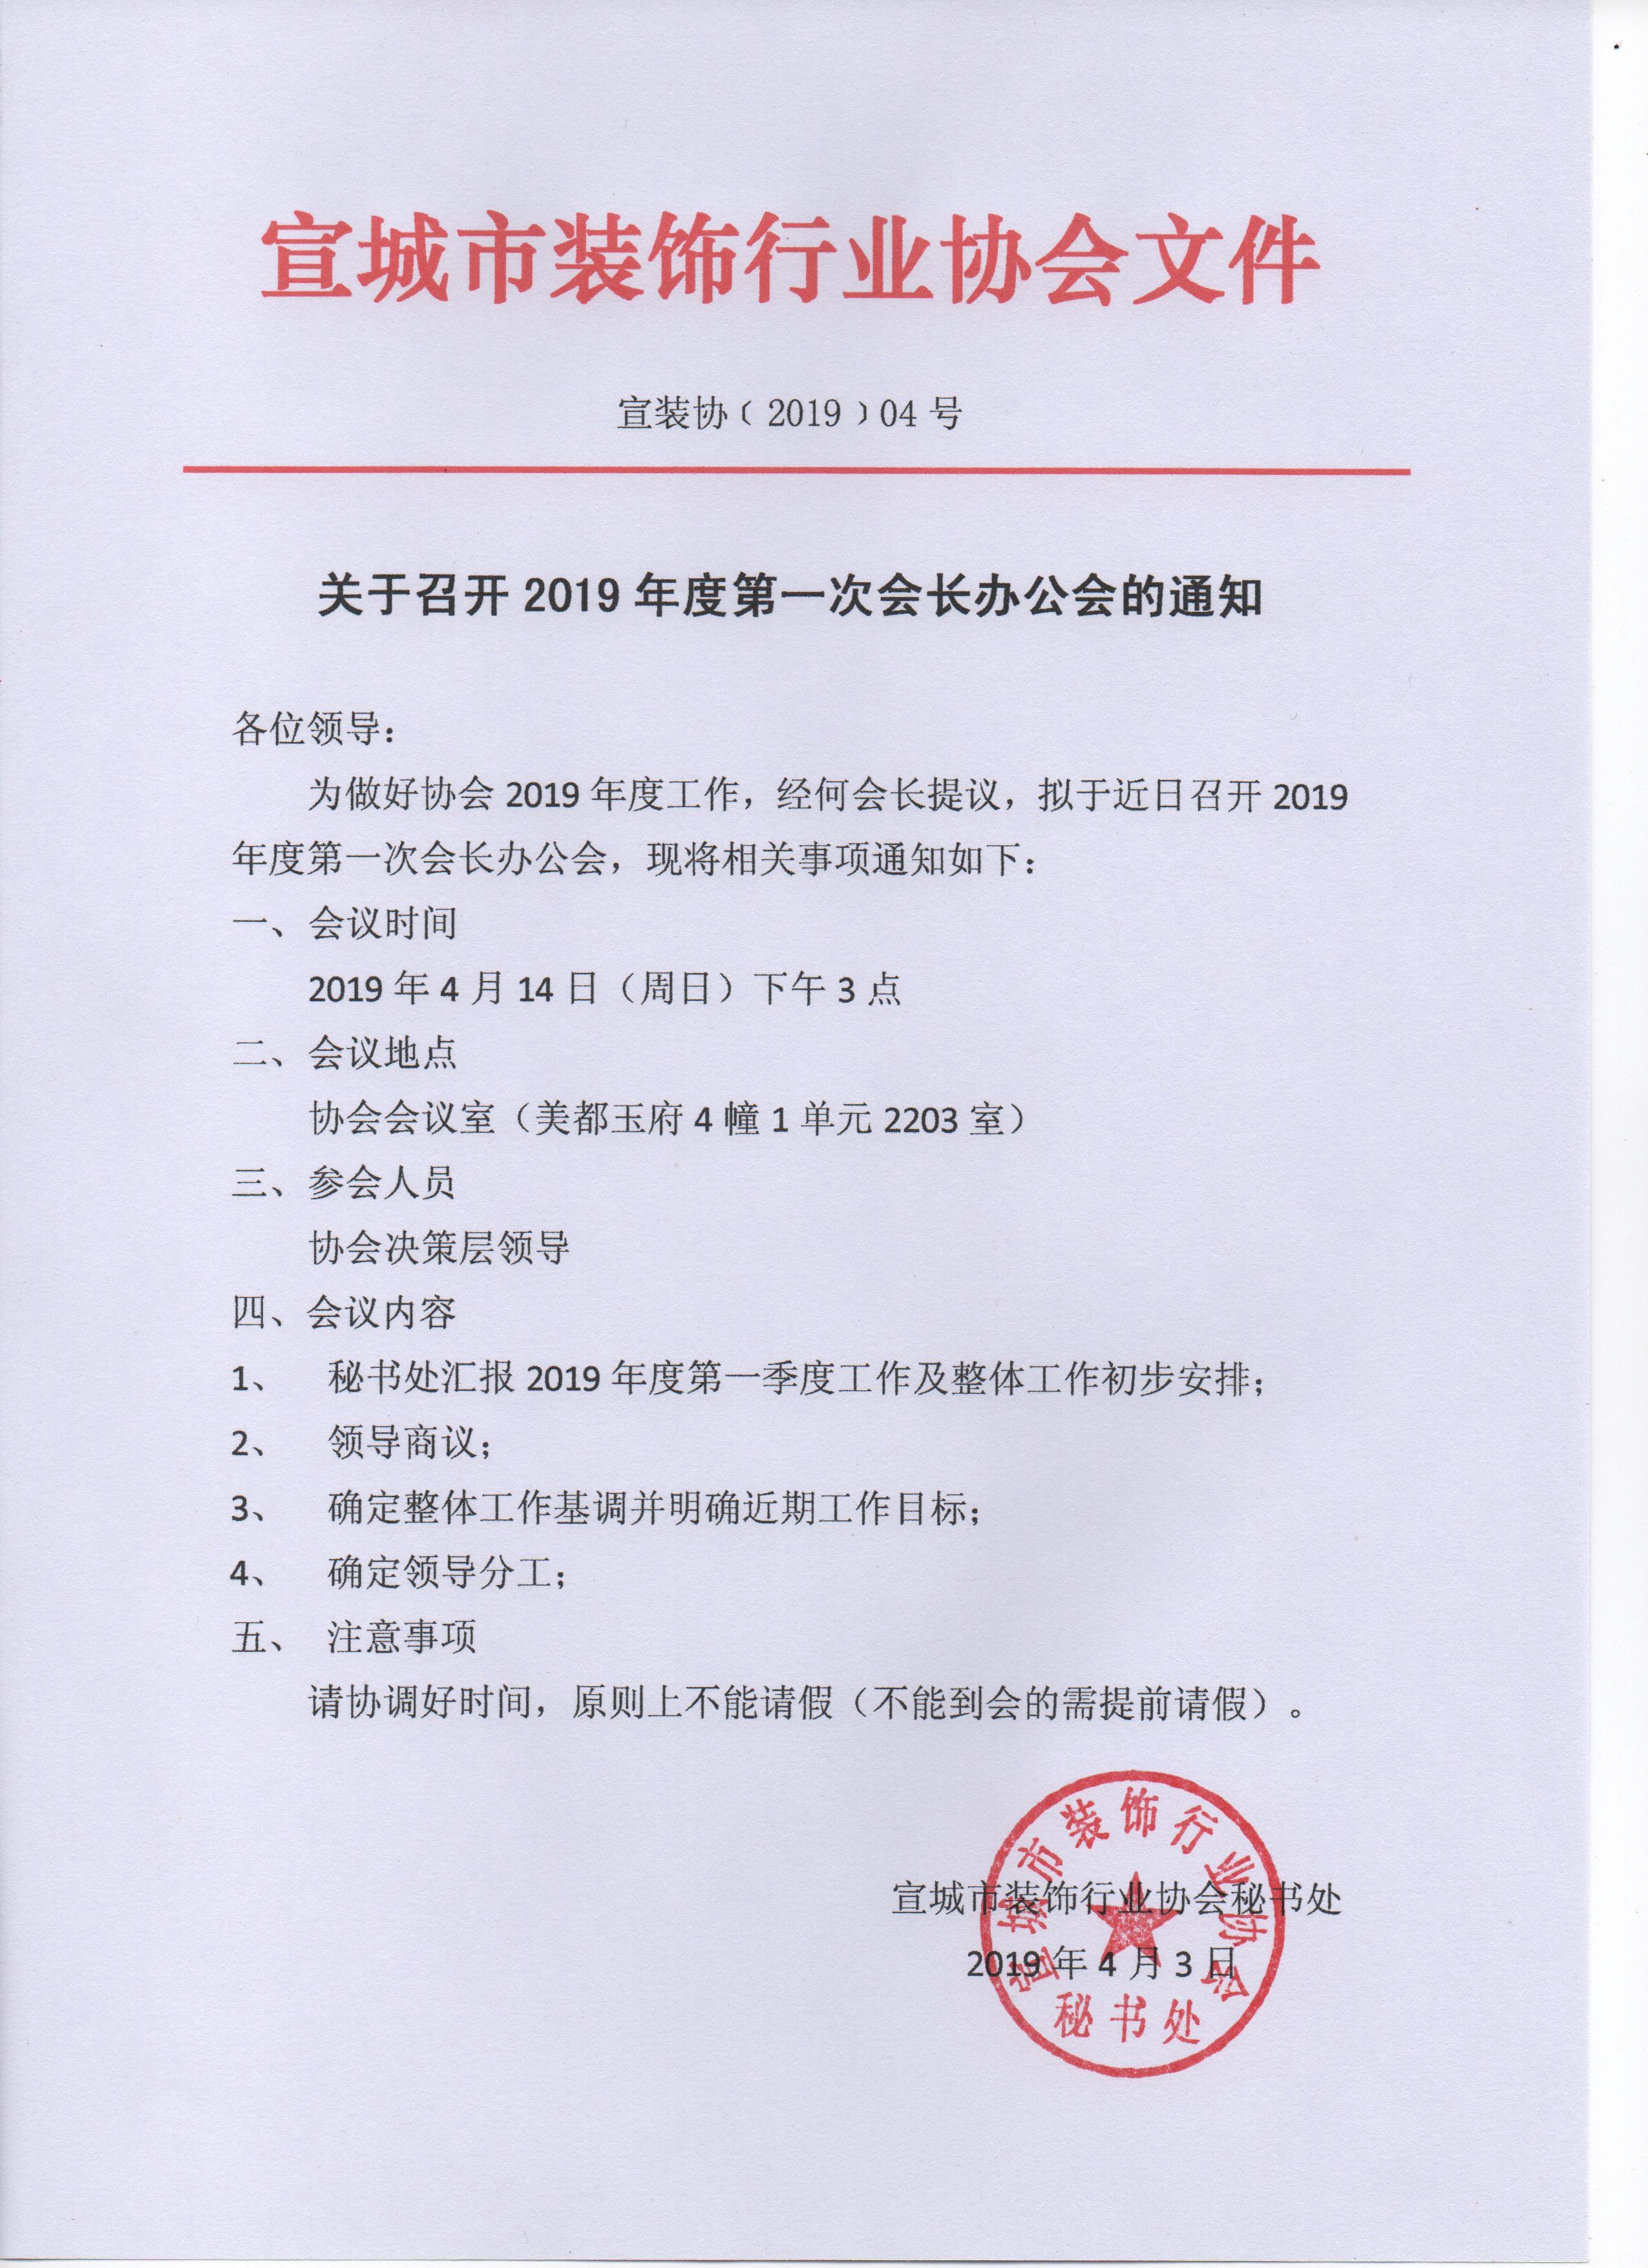 关于召开2019年度第一次会长办公会的通知001